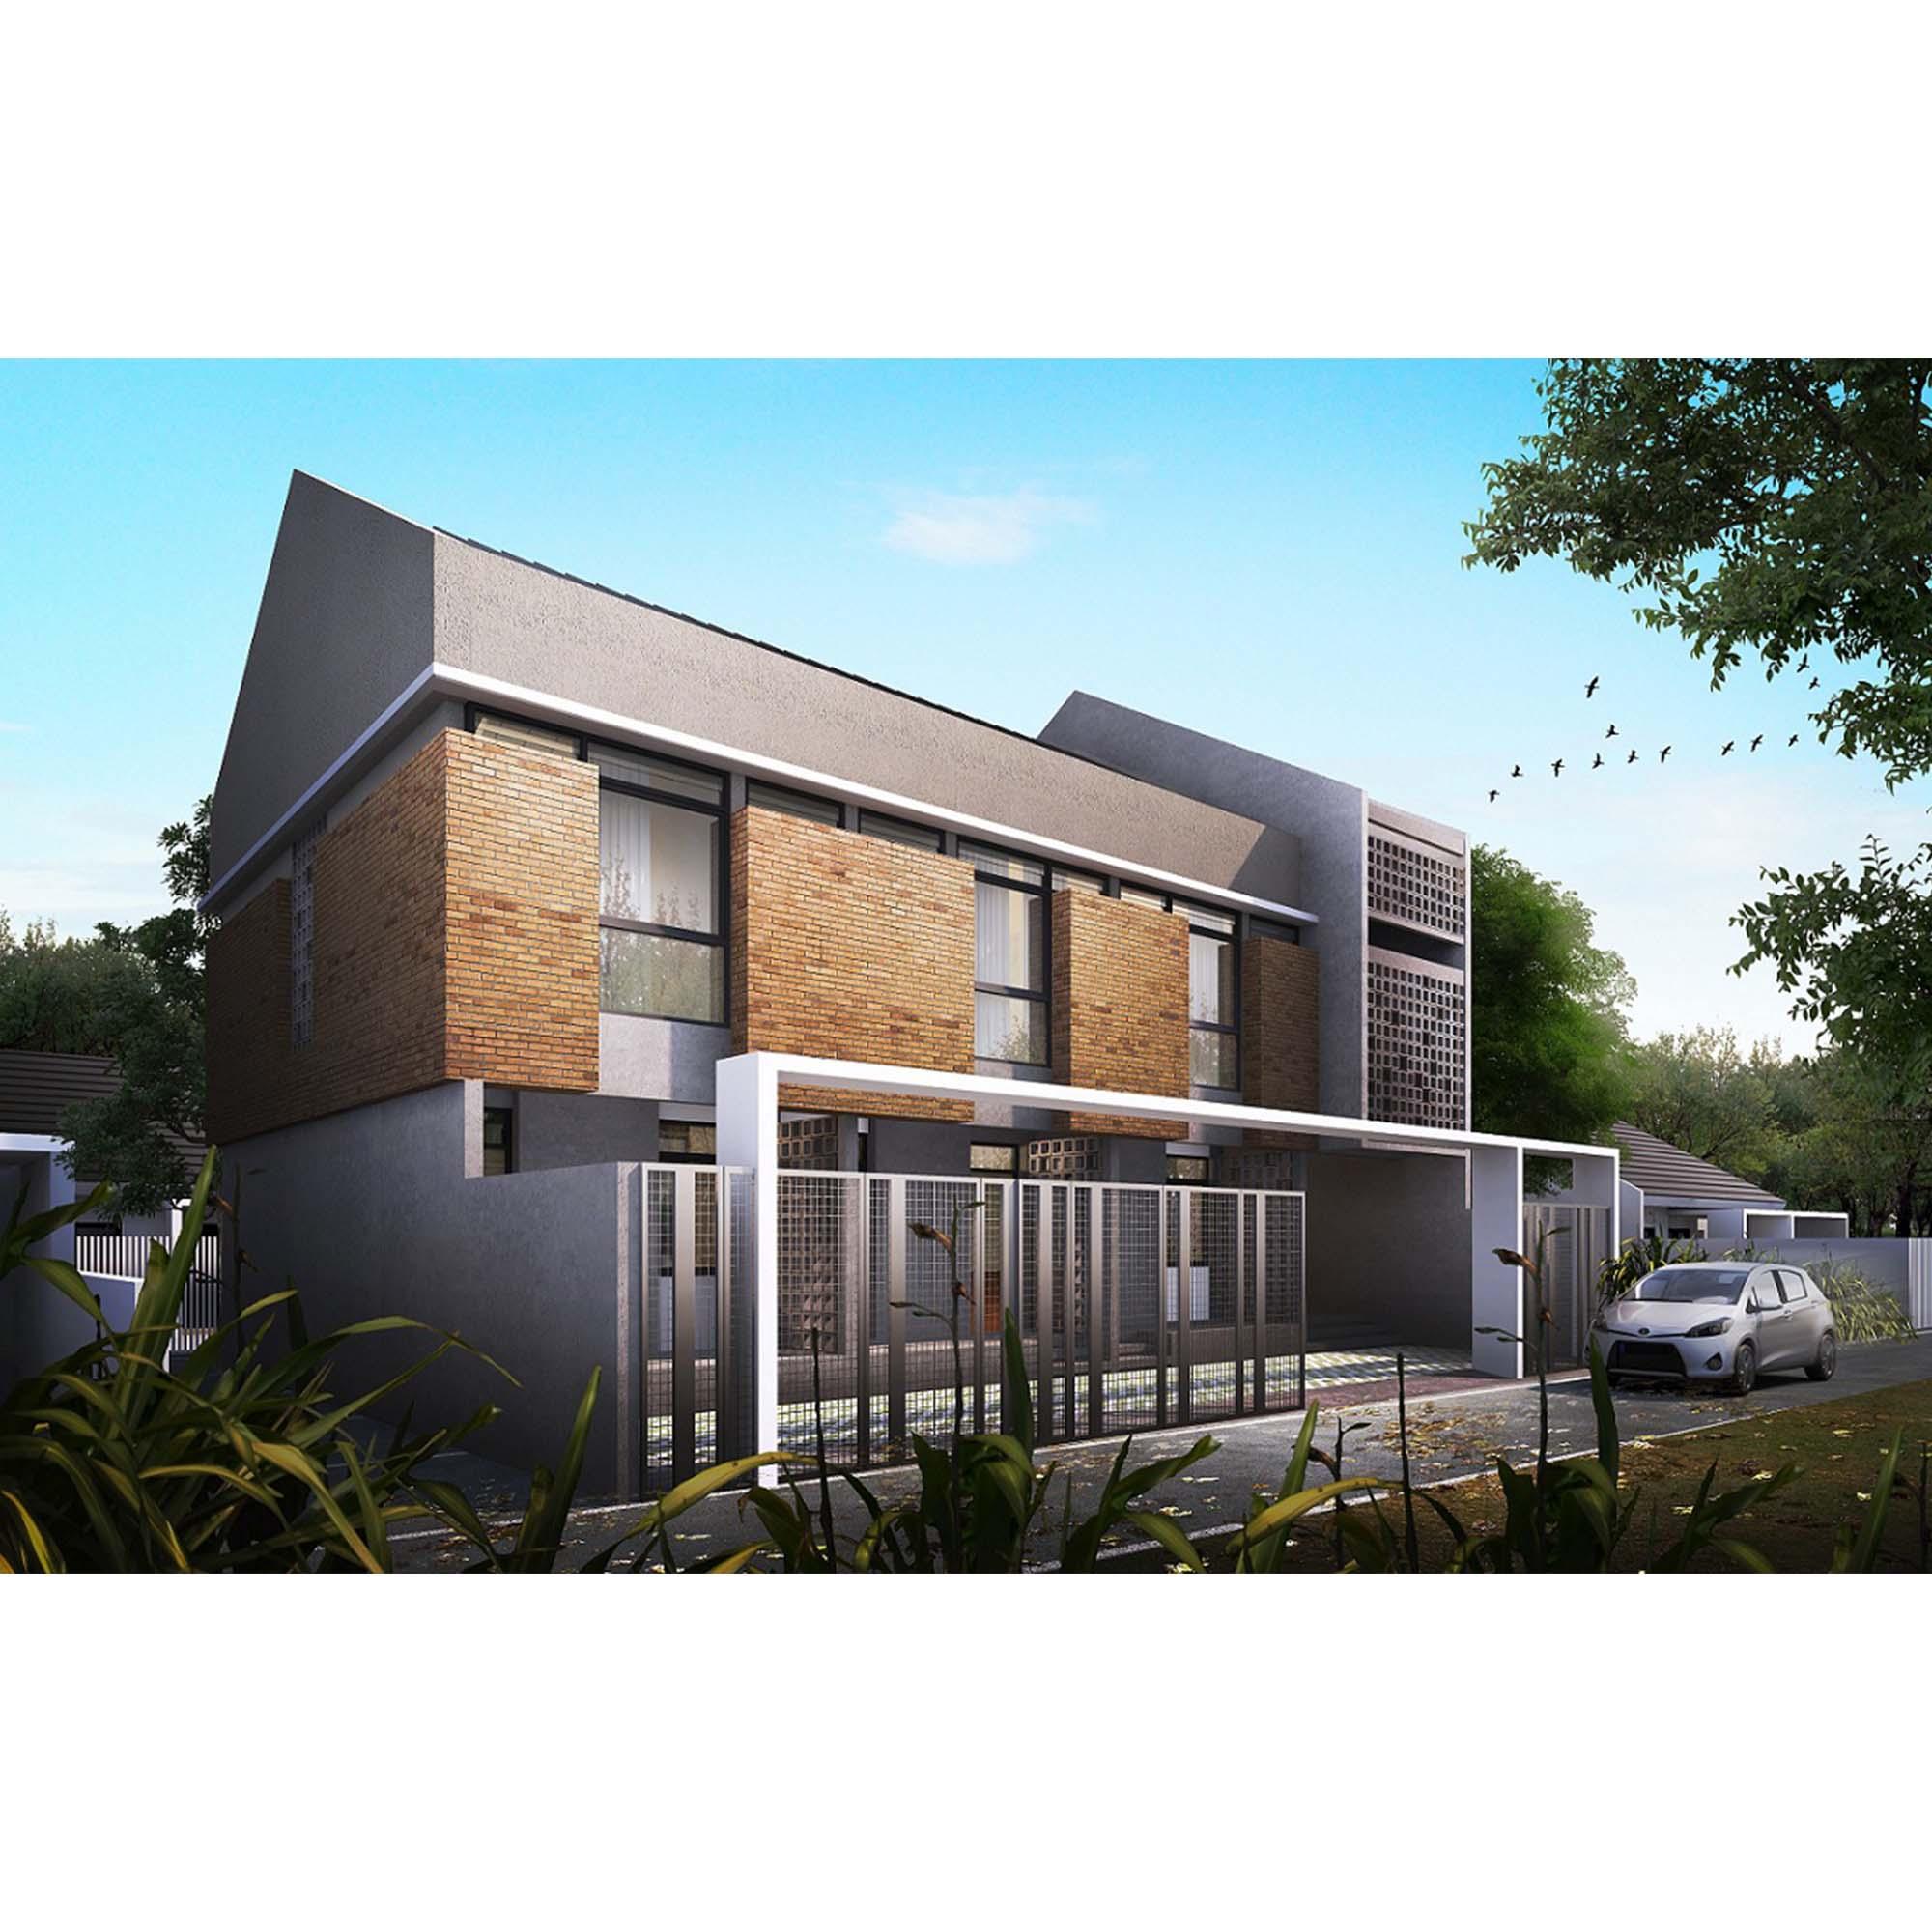 J N BOARDING HOUSE - UPLOAD WEB - 308PER188 (8)